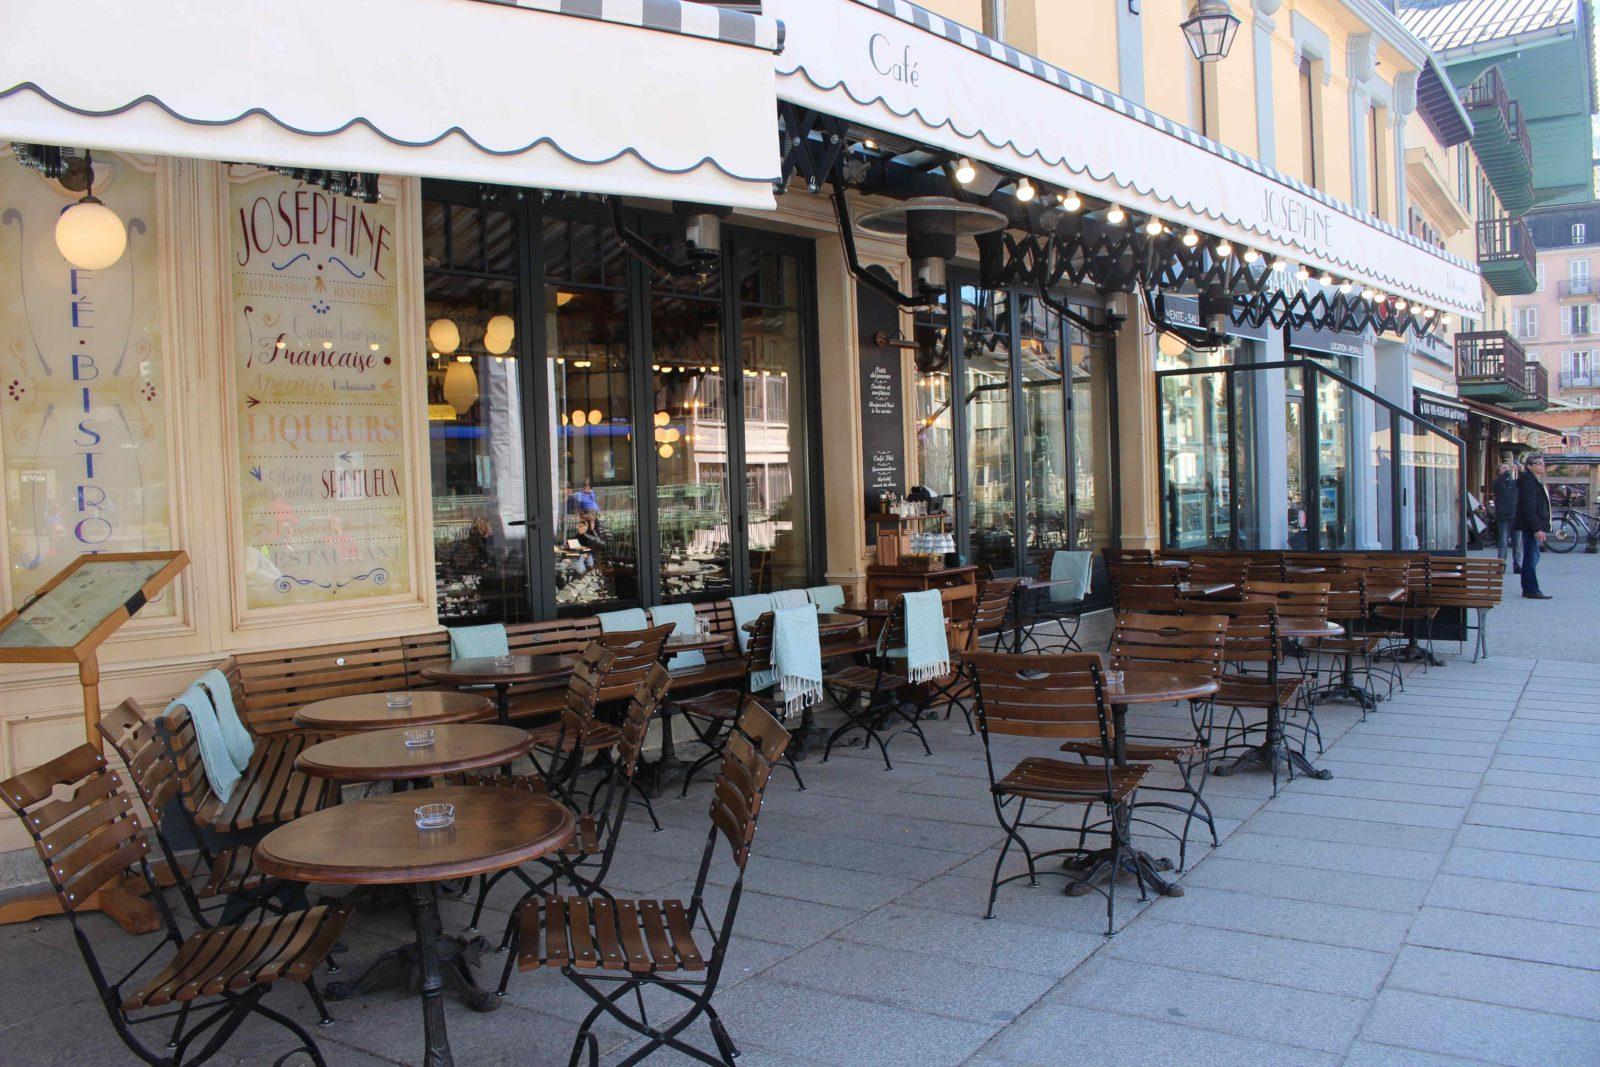 Chamonix restaurant Joséphine terrasse